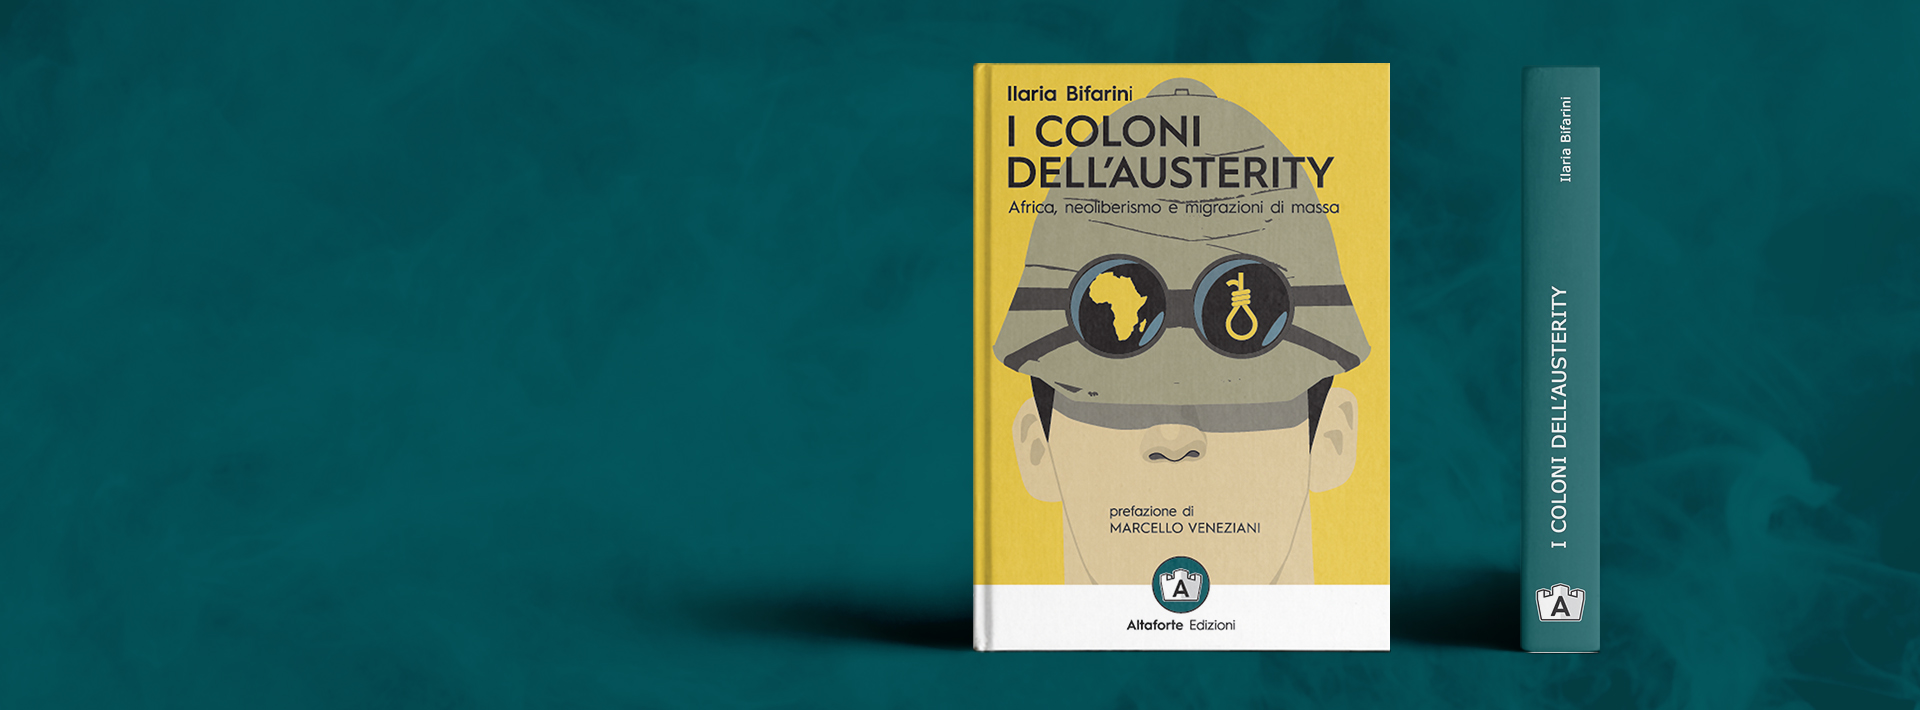 I coloni dell'austerity - Altaforte Edizioni